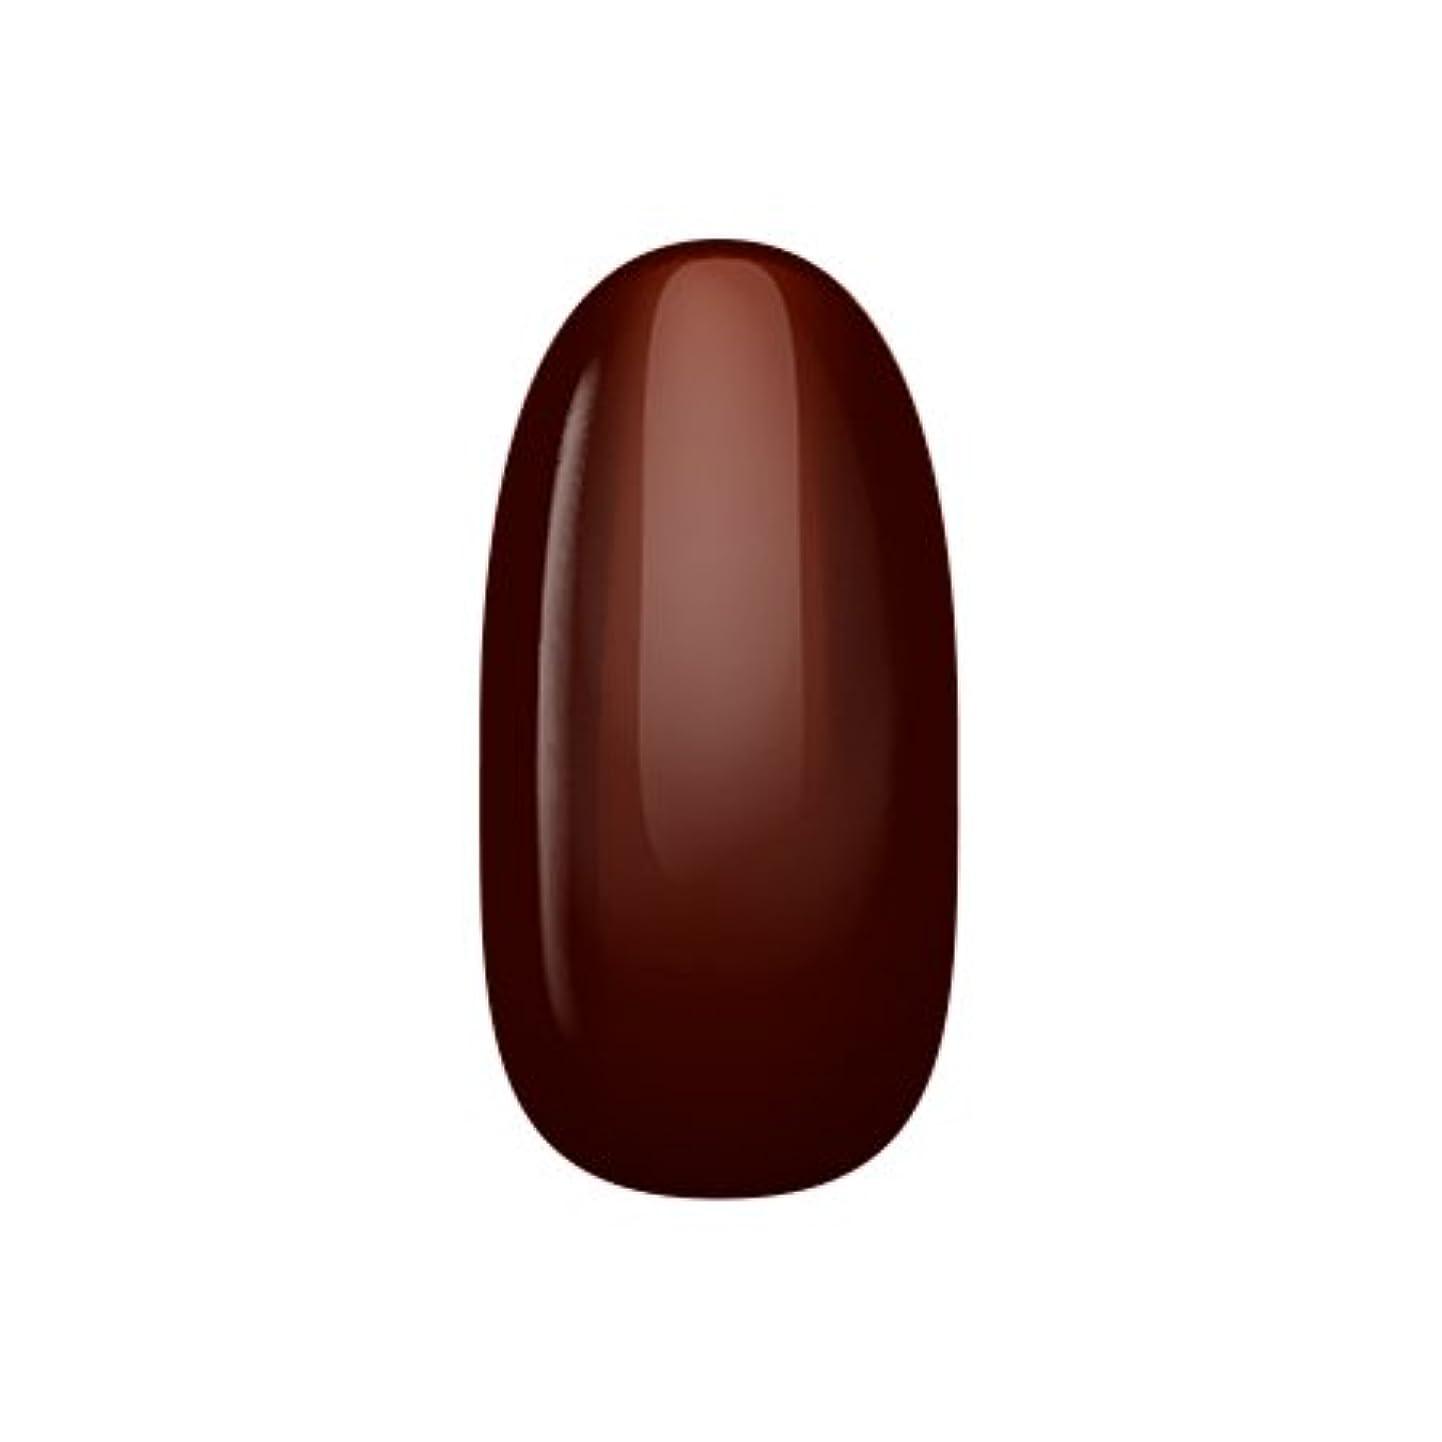 現金商業の専門知識アイニティ ハイエンドカラー BR-01M ビターチョコレート 3g